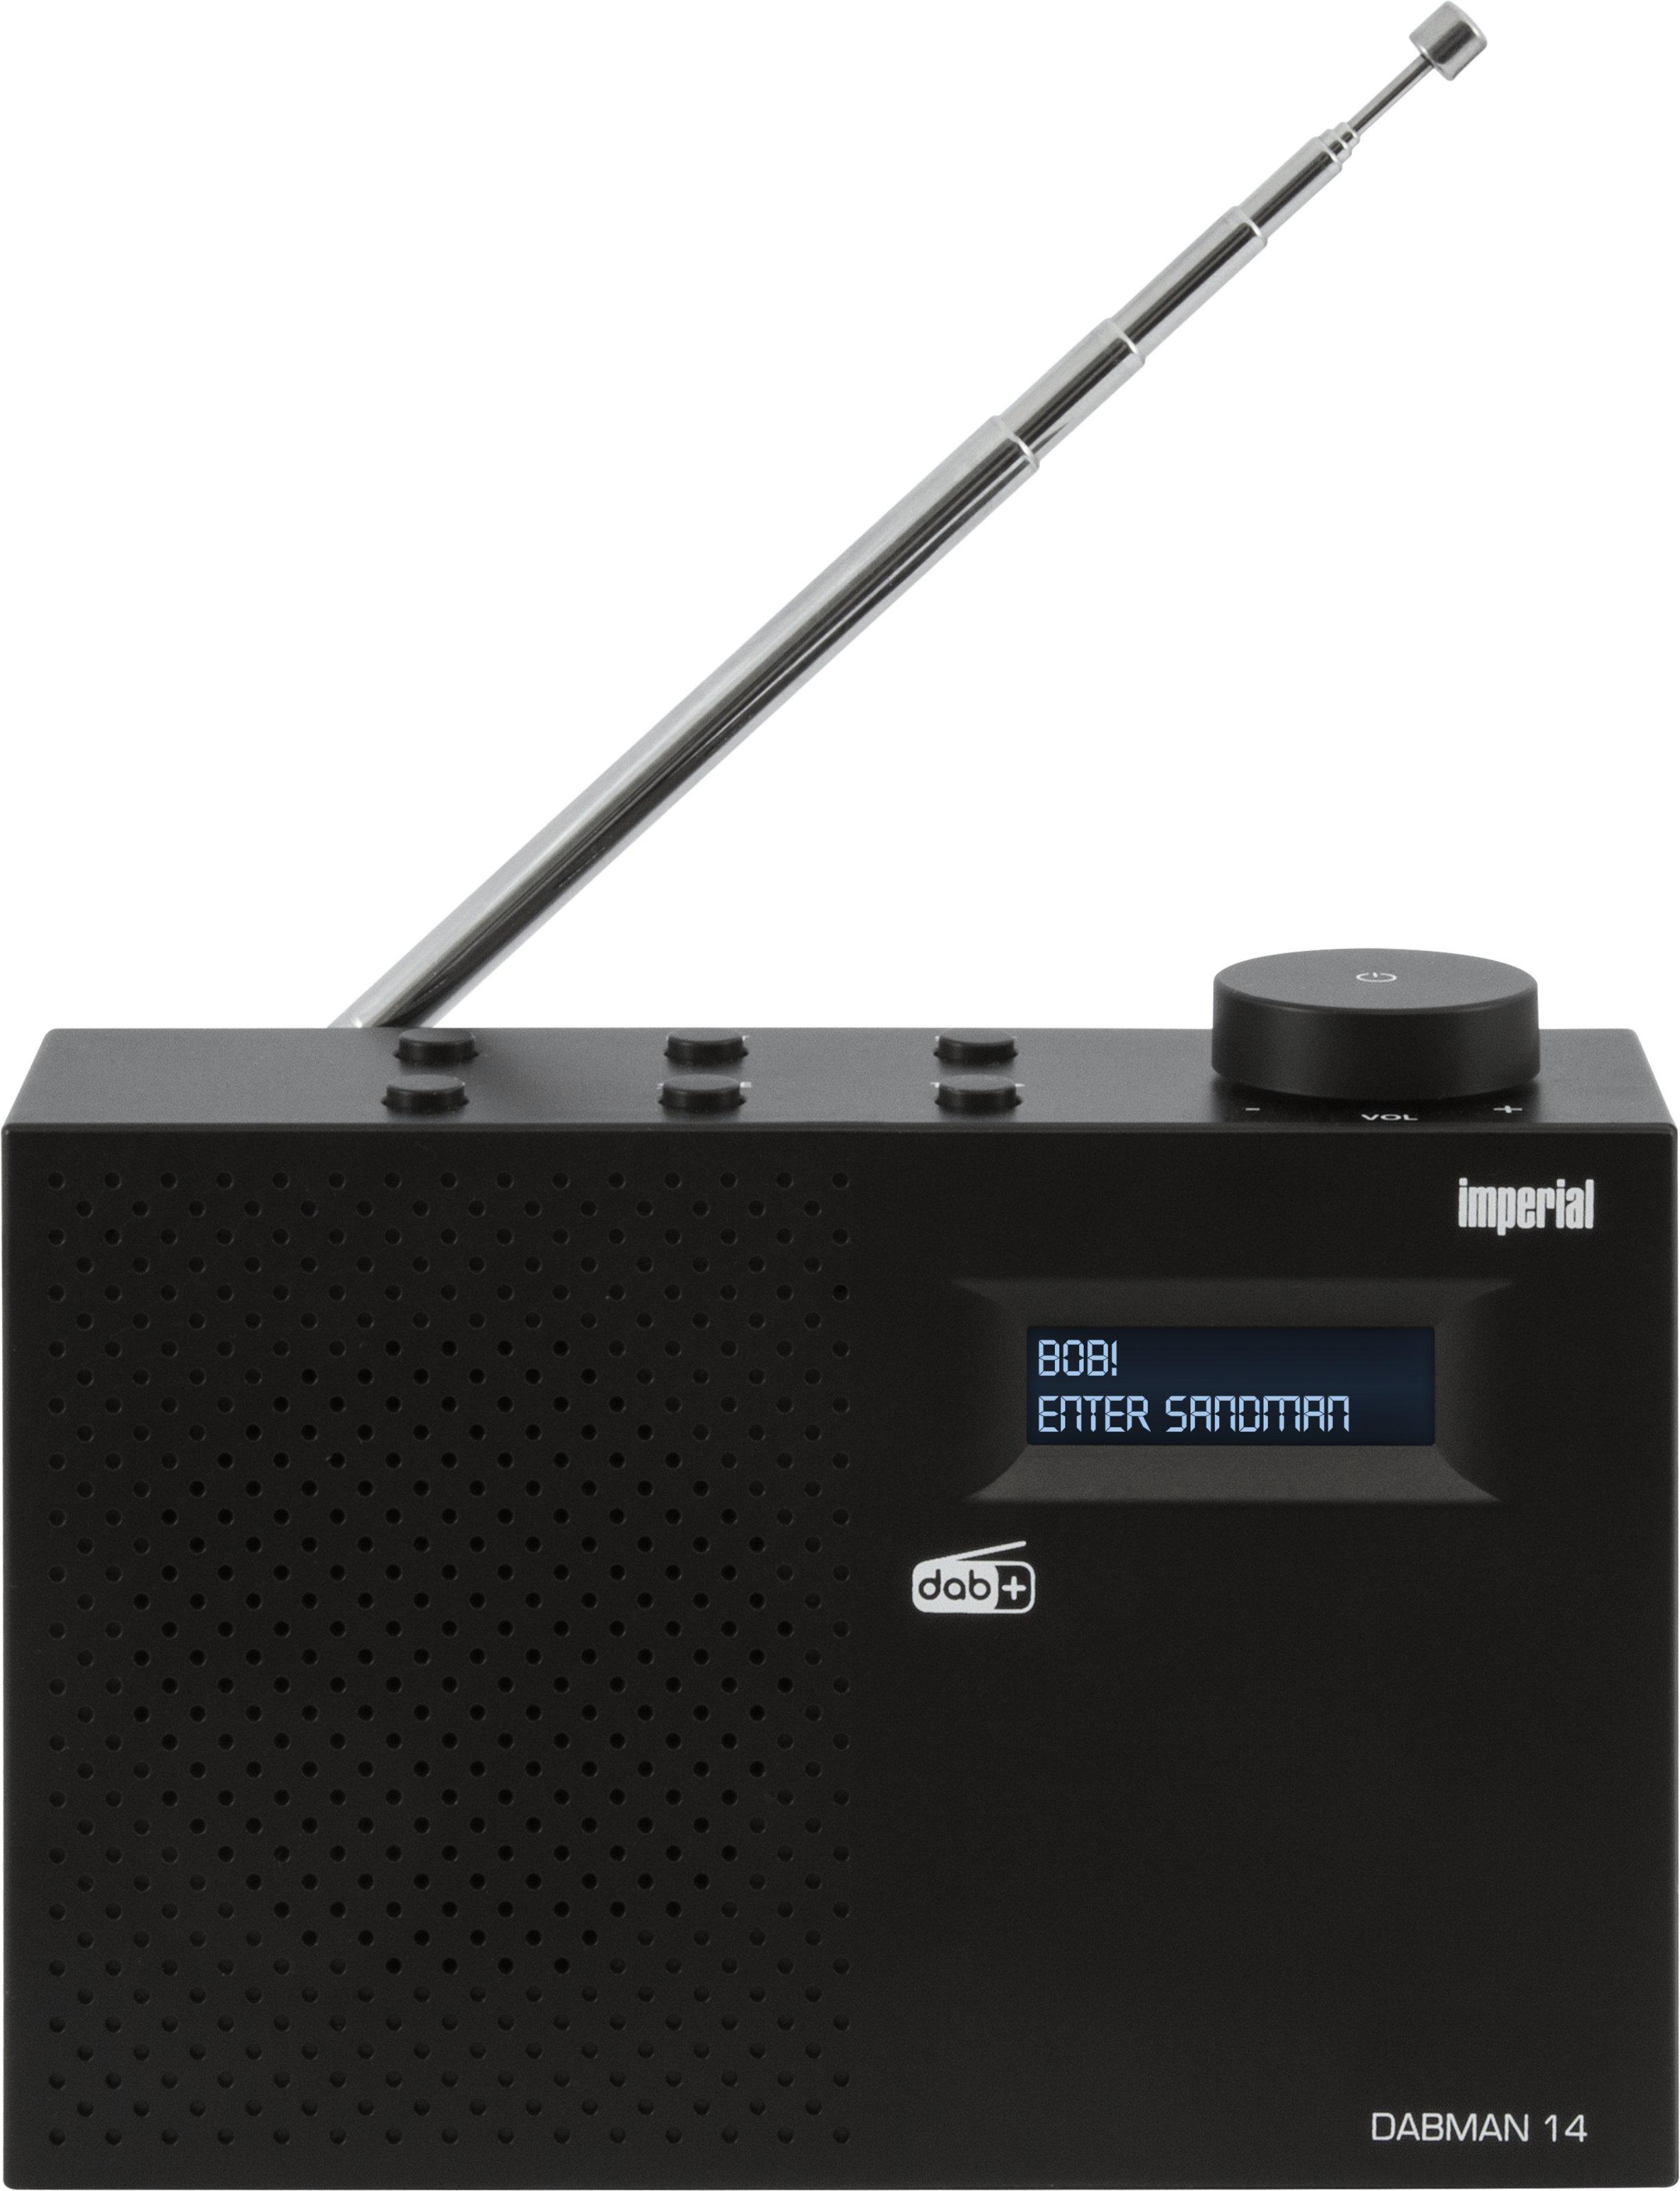 Telestar DABMAN 14 - Tragbar - Digital - DAB+,FM - 87,5 - 108 MHz - 174 - 240 MHz - 1 W